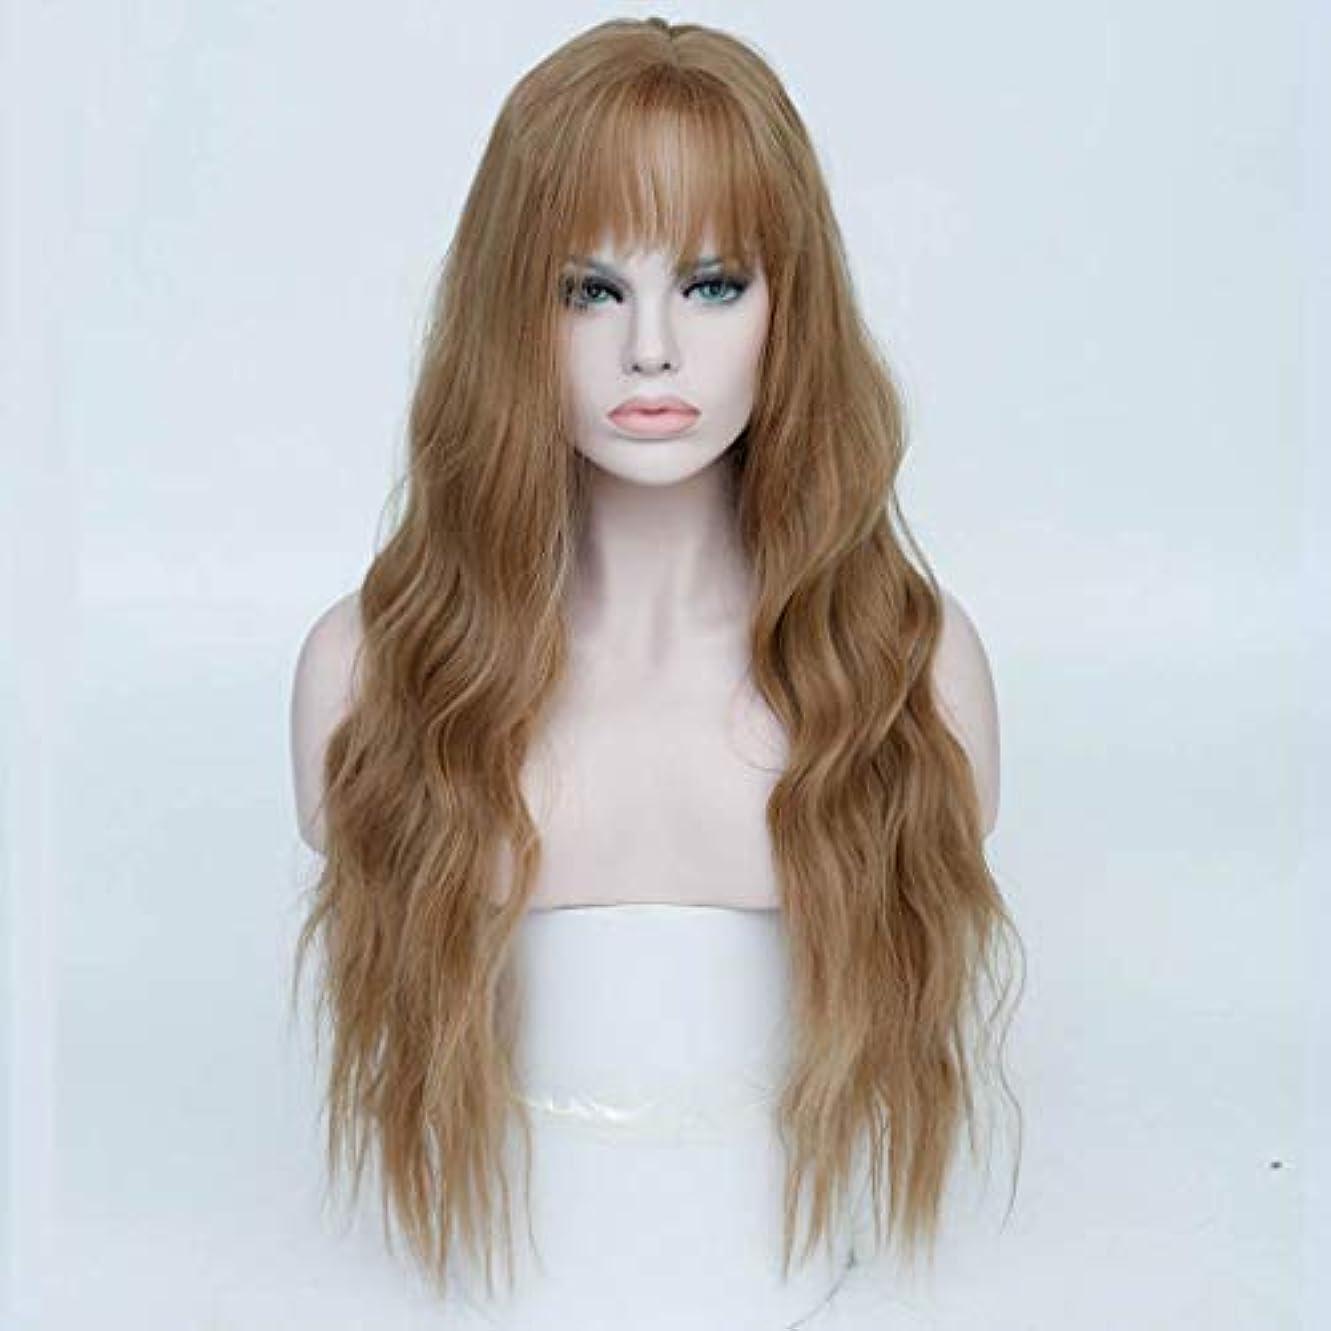 社会学素敵な懐疑的リザイ 女性の耐熱性かつら、前髪の自然な波の長い巻き毛の耐熱性合成かつらを持つ女性ストロベリーブロンドオンブルライトブロンドのかつら26インチ